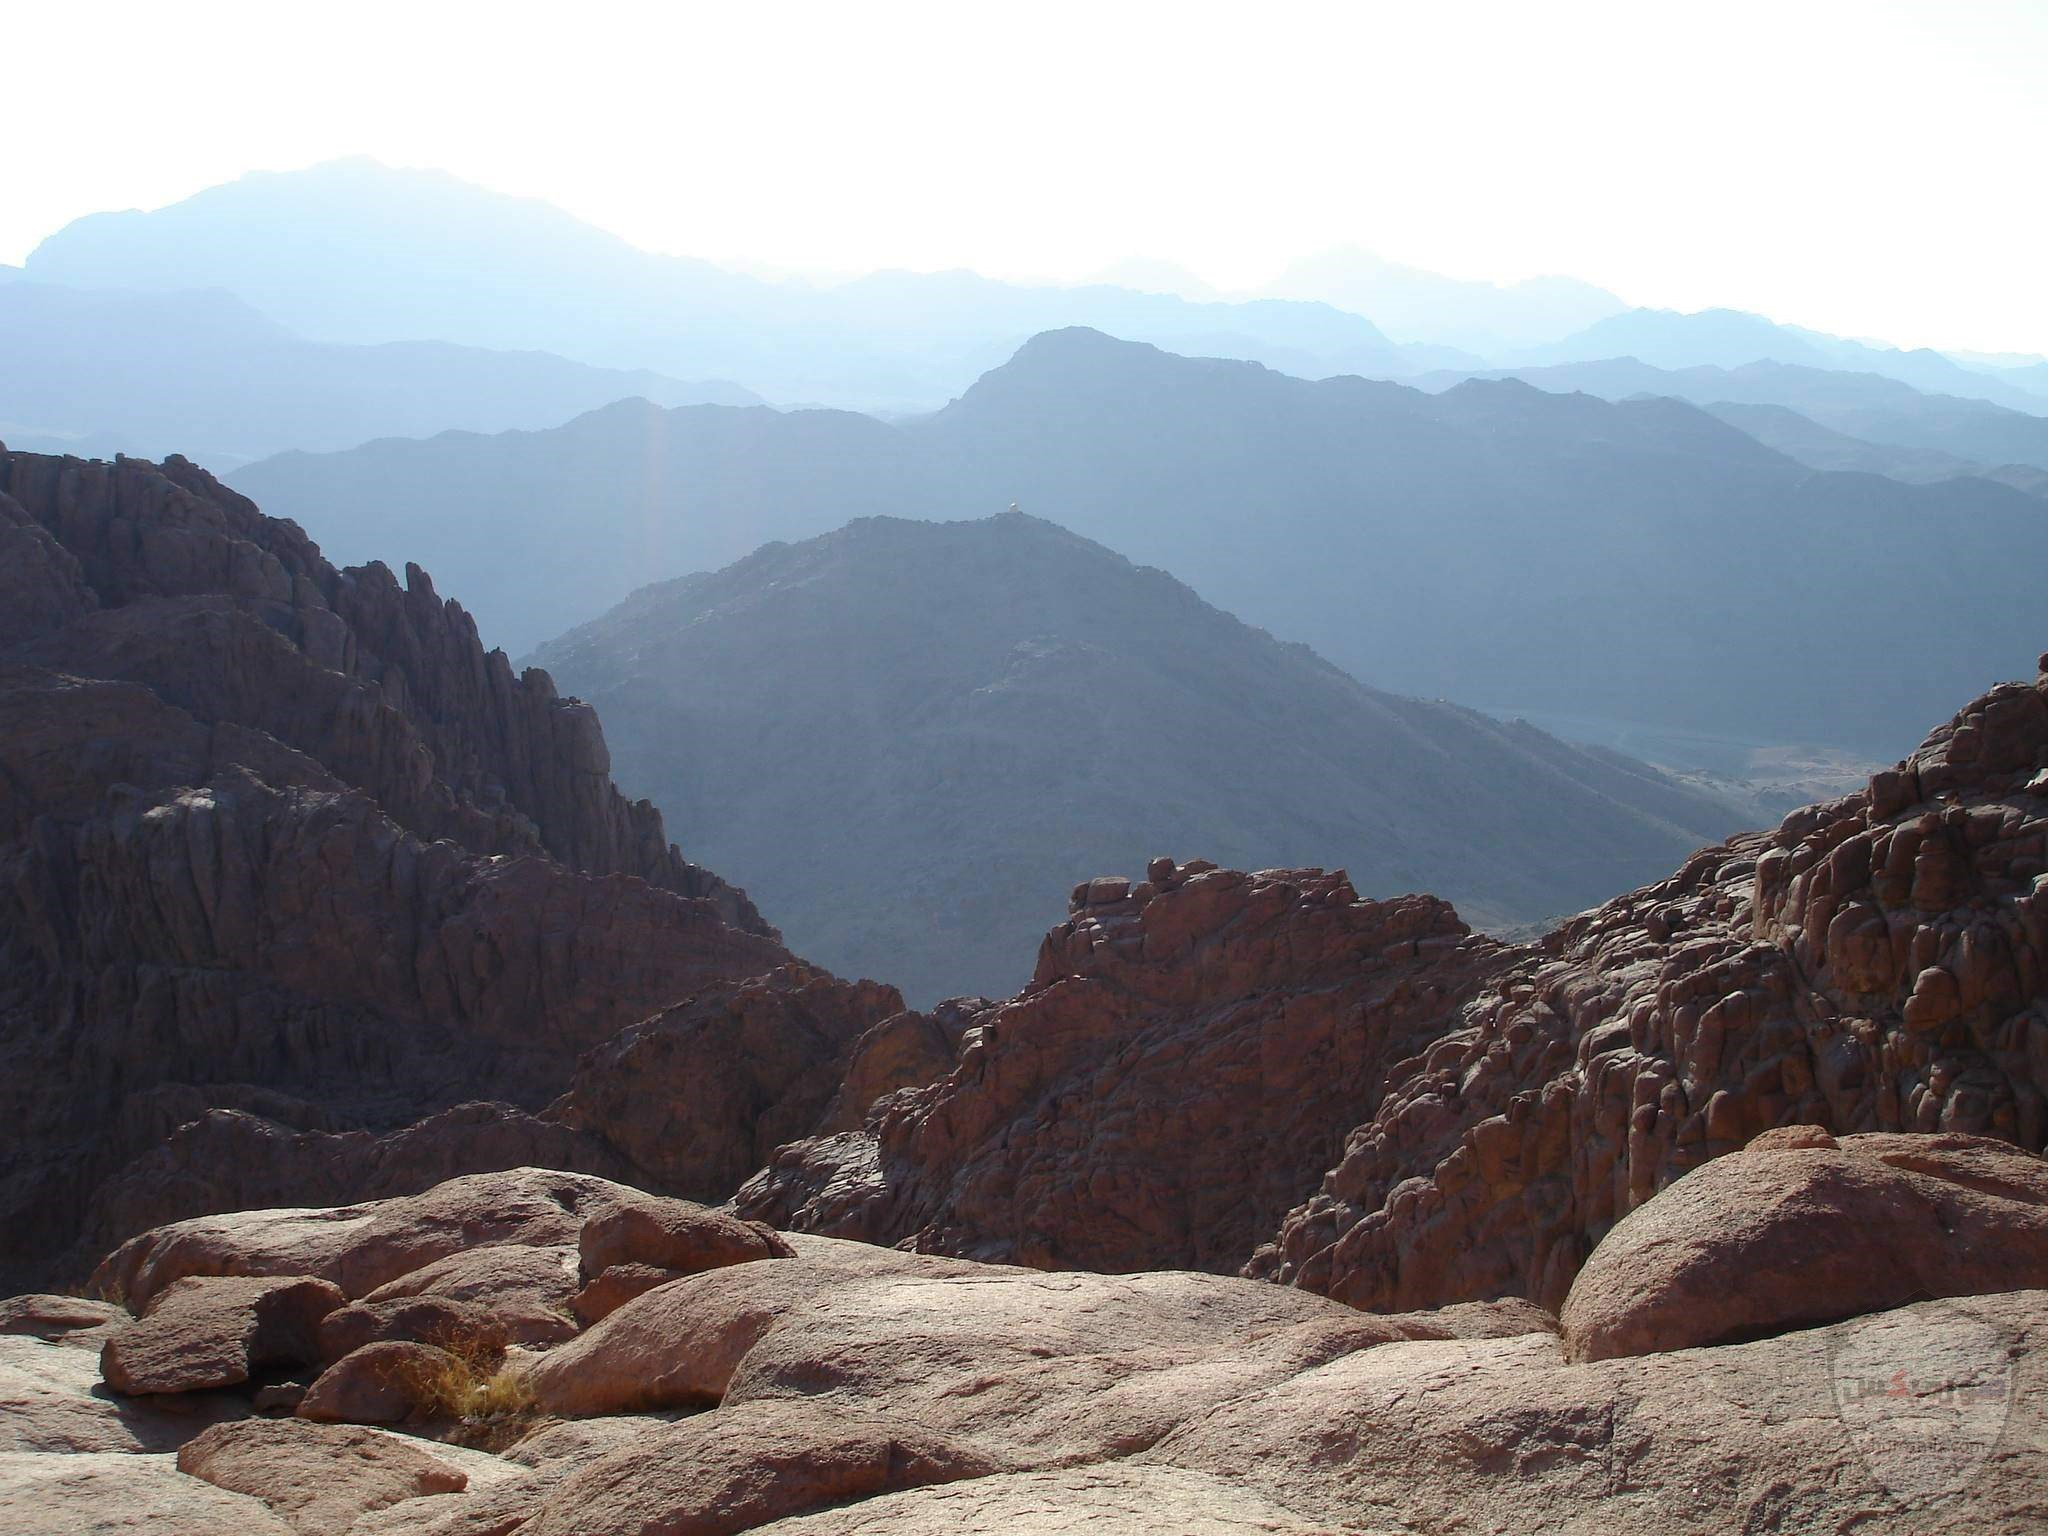 بالصور.. شلالات المياه تزين جبال سانت كاترين 8